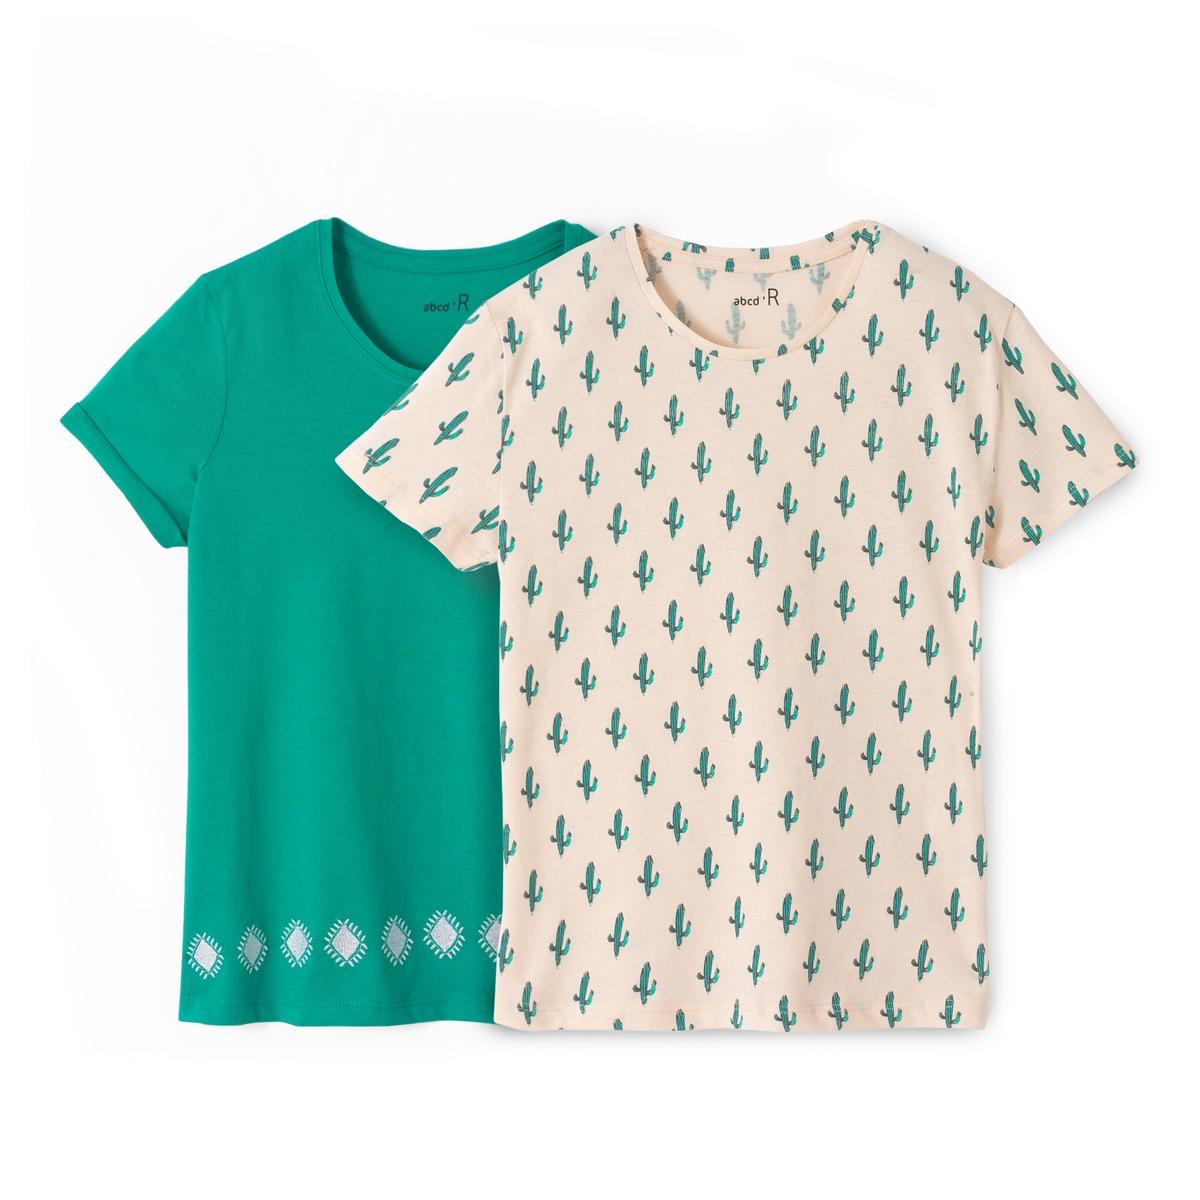 Комплект из 2 футболок с короткми рукавами, 3-12 летДетали •  Длинные рукава •  Круглый вырез •  Рисунок спередиСостав и уход •  100% хлопок •  Температура стирки 30° • Низкая температура глажки / не отбеливать   • Барабанная сушка на слабом режиме    • Сухая чистка запрещена<br><br>Цвет: рисунок + зеленый<br>Размер: 4 года - 102 см.5 лет - 108 см.6 лет - 114 см.10 лет - 138 см.12 лет -150 см